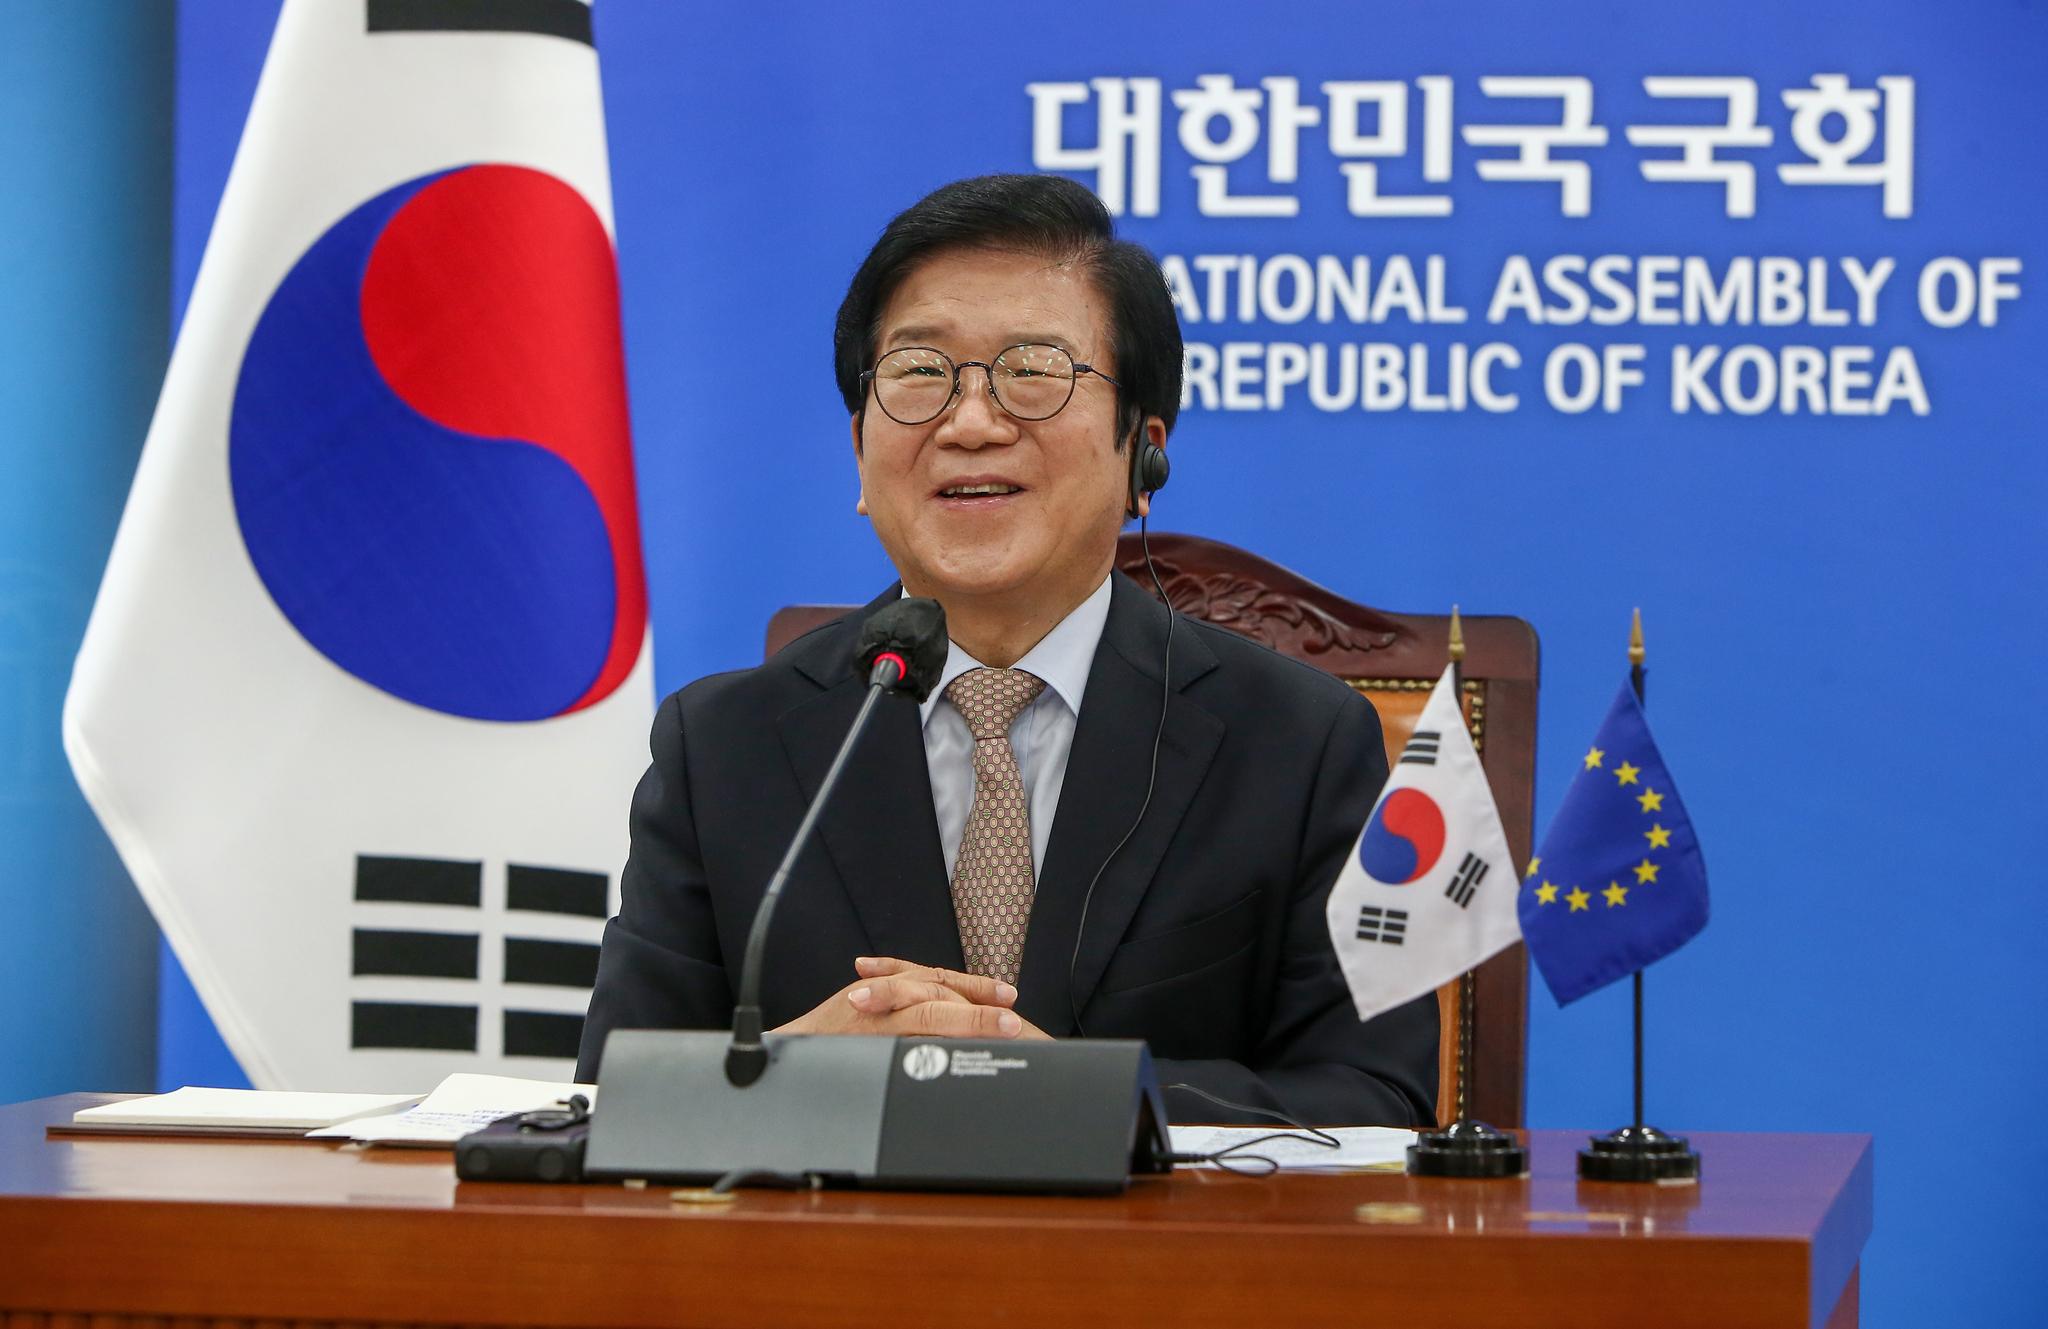 박병석 국회의장이 20일 국회에서 사쏠리 유럽의회 의장과 화상회담을 하고 있다. 오종택 기자